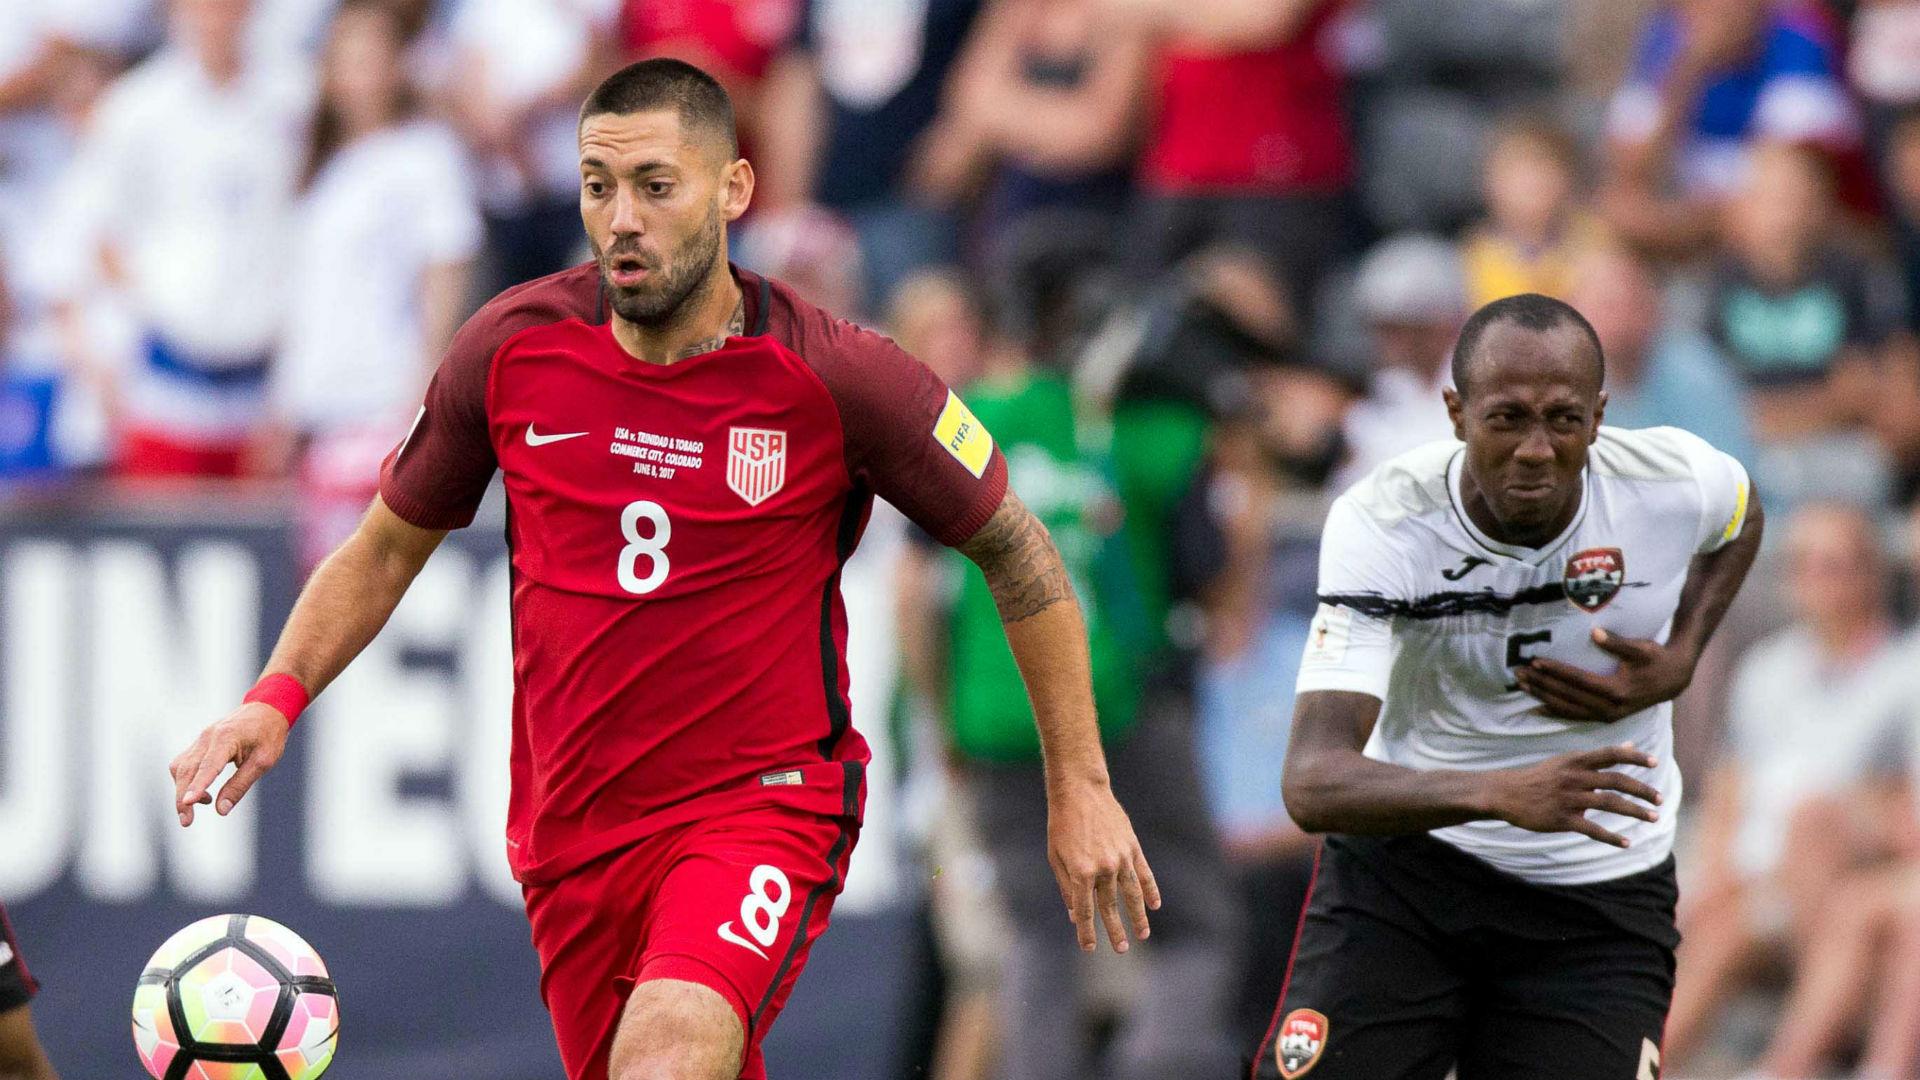 Clint Dempsey USA Trinidad & Tobago World Cup qualifying